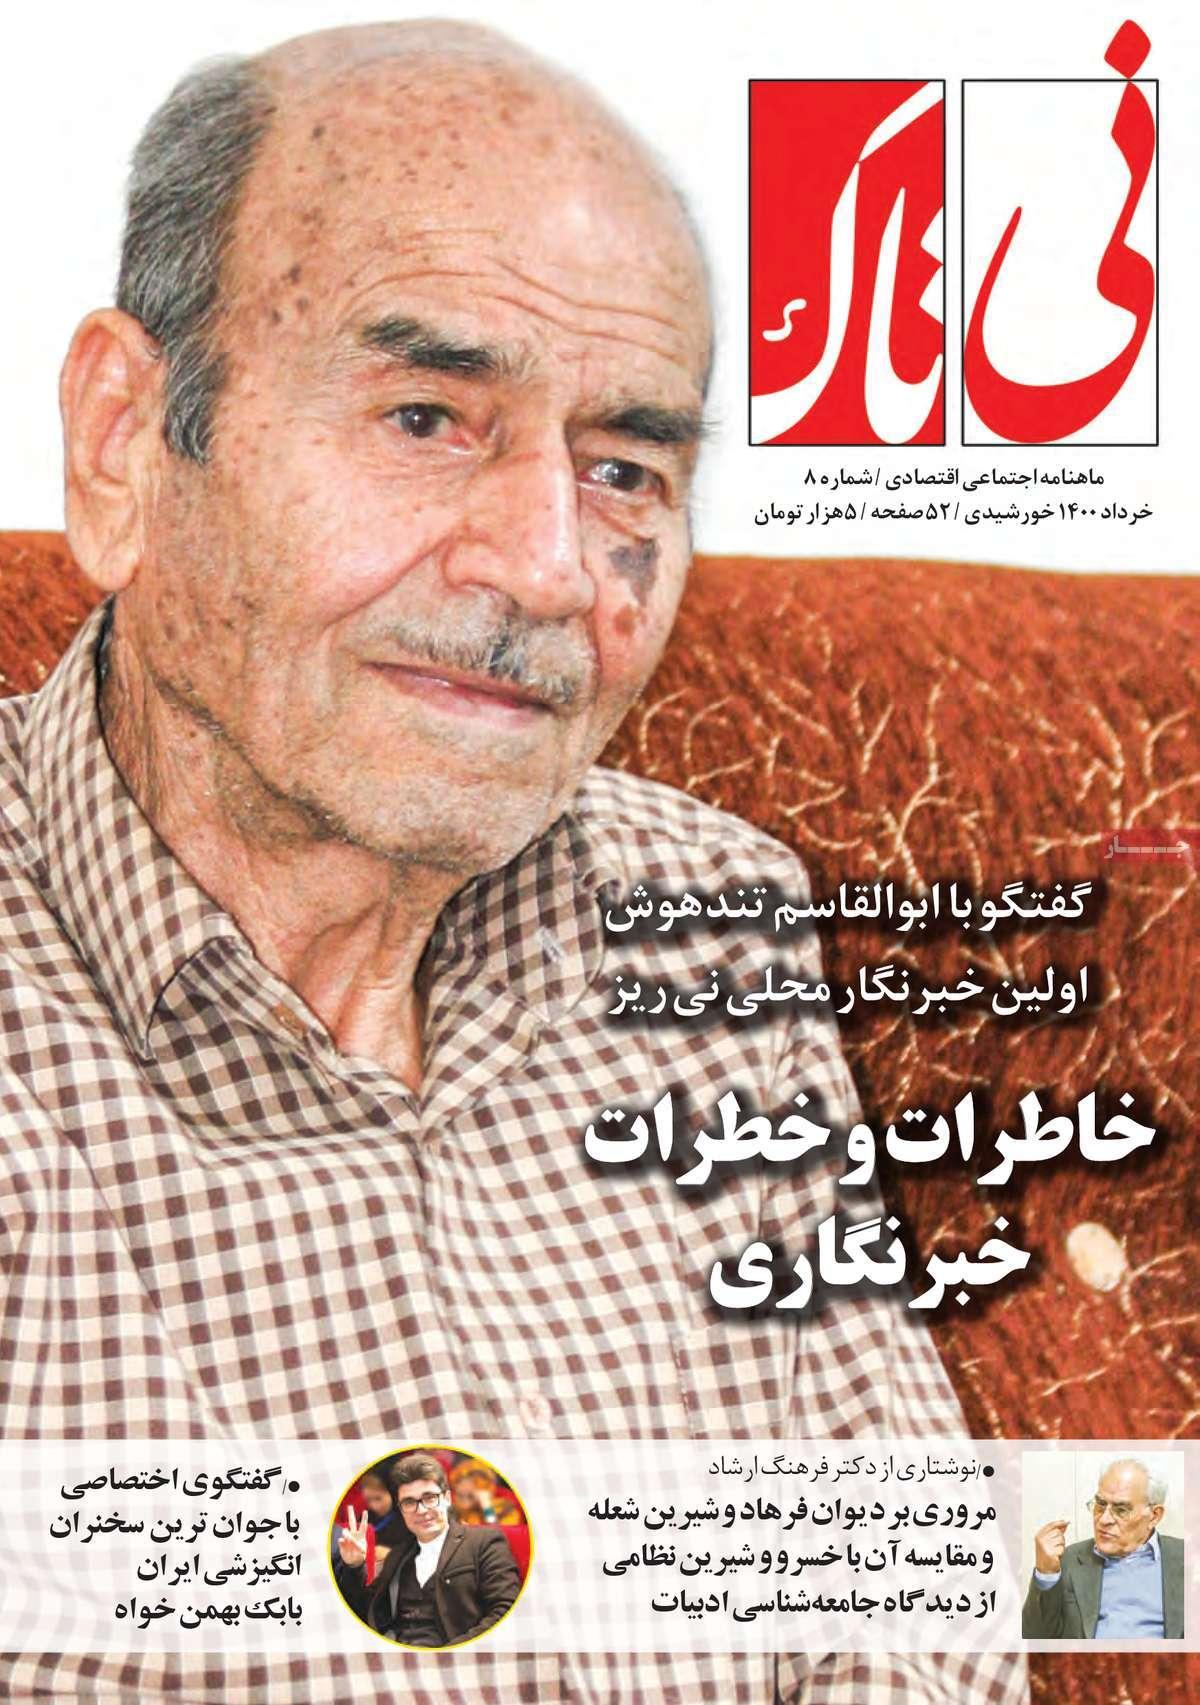 مجله نی تاک